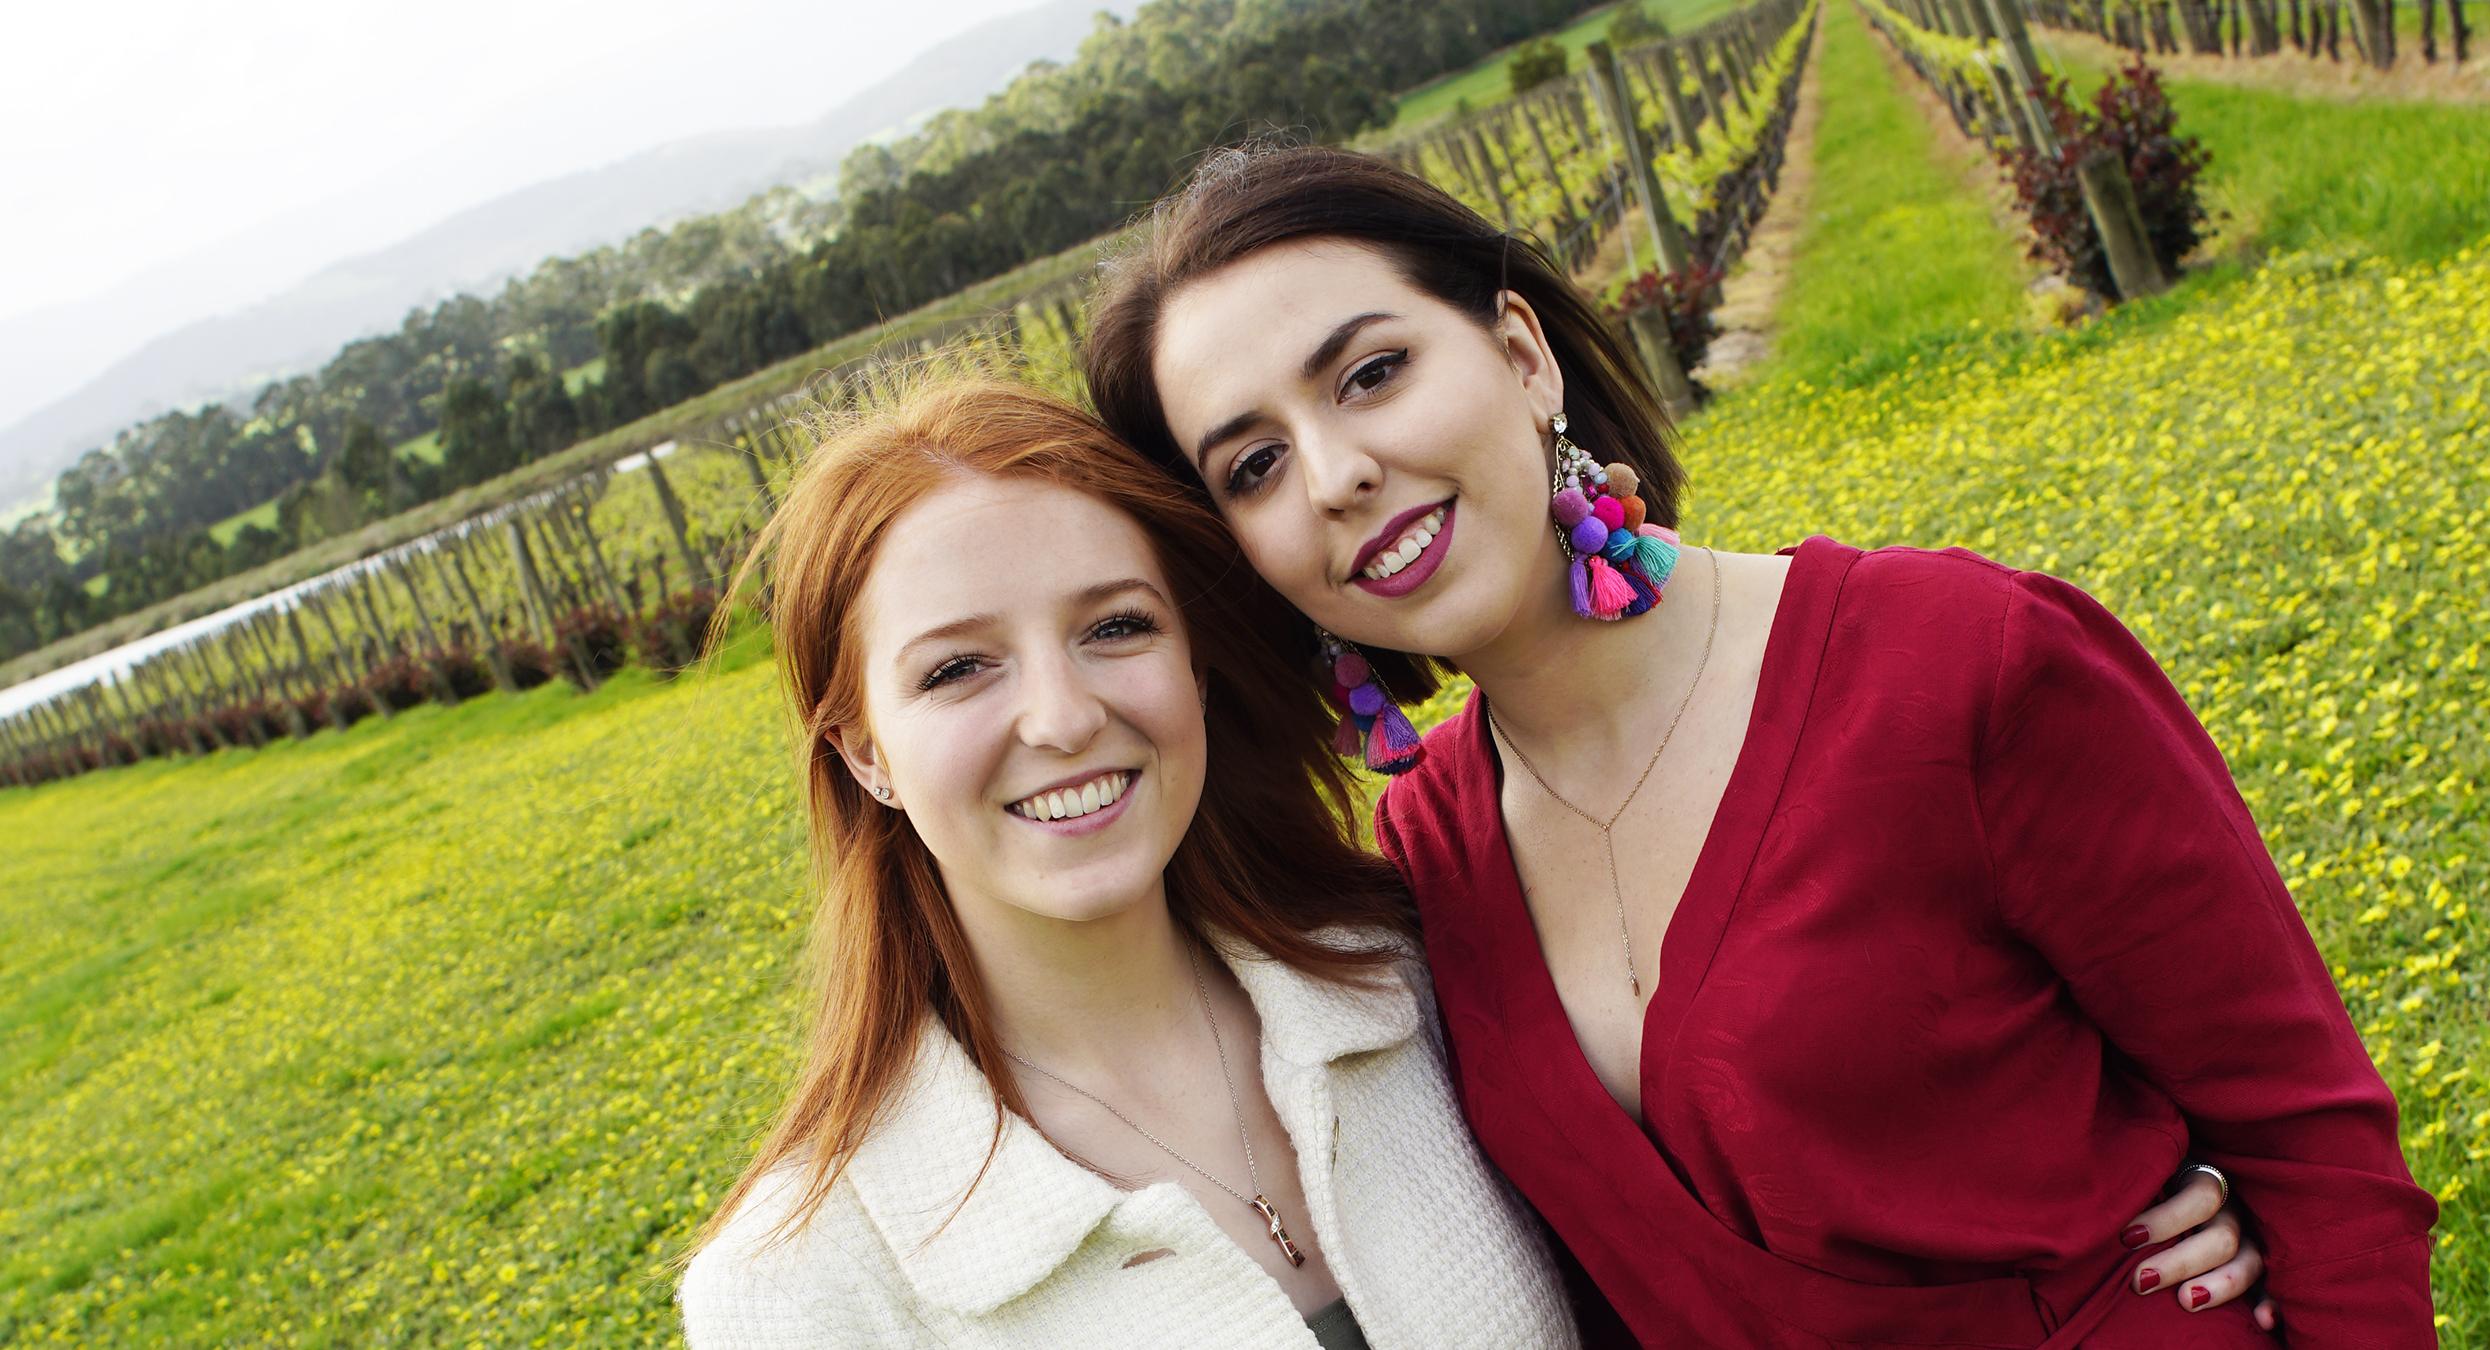 Minolta 28mm F2 Prime Lens Winery Ladies 18